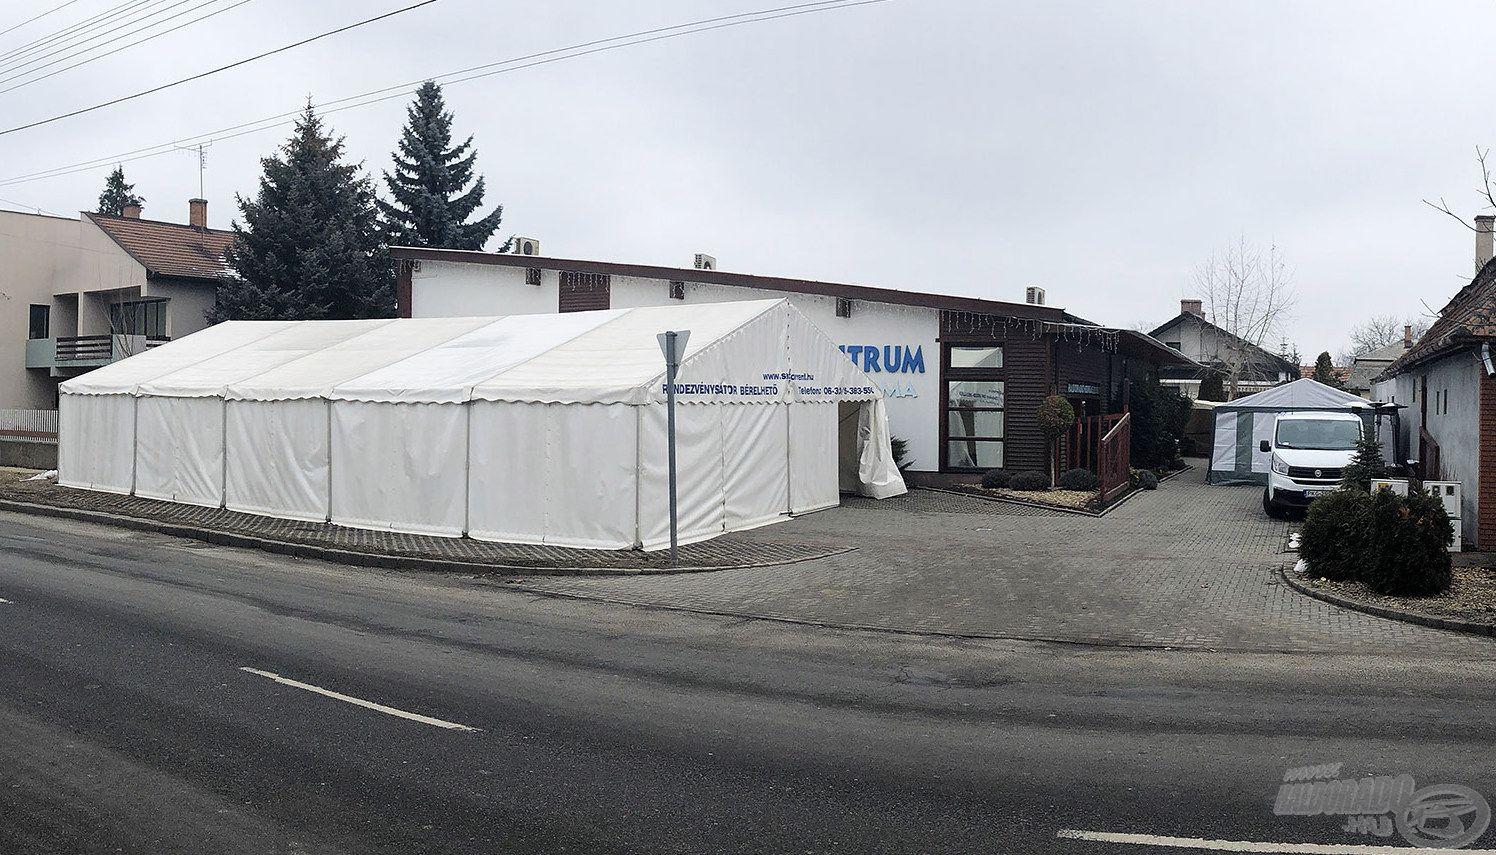 Odakinn már áll a fűtött rendezvény sátor, most még ugyan borongós és hideg idő van, de az előrejelzés biztató körülményeket ígér a hétvégére